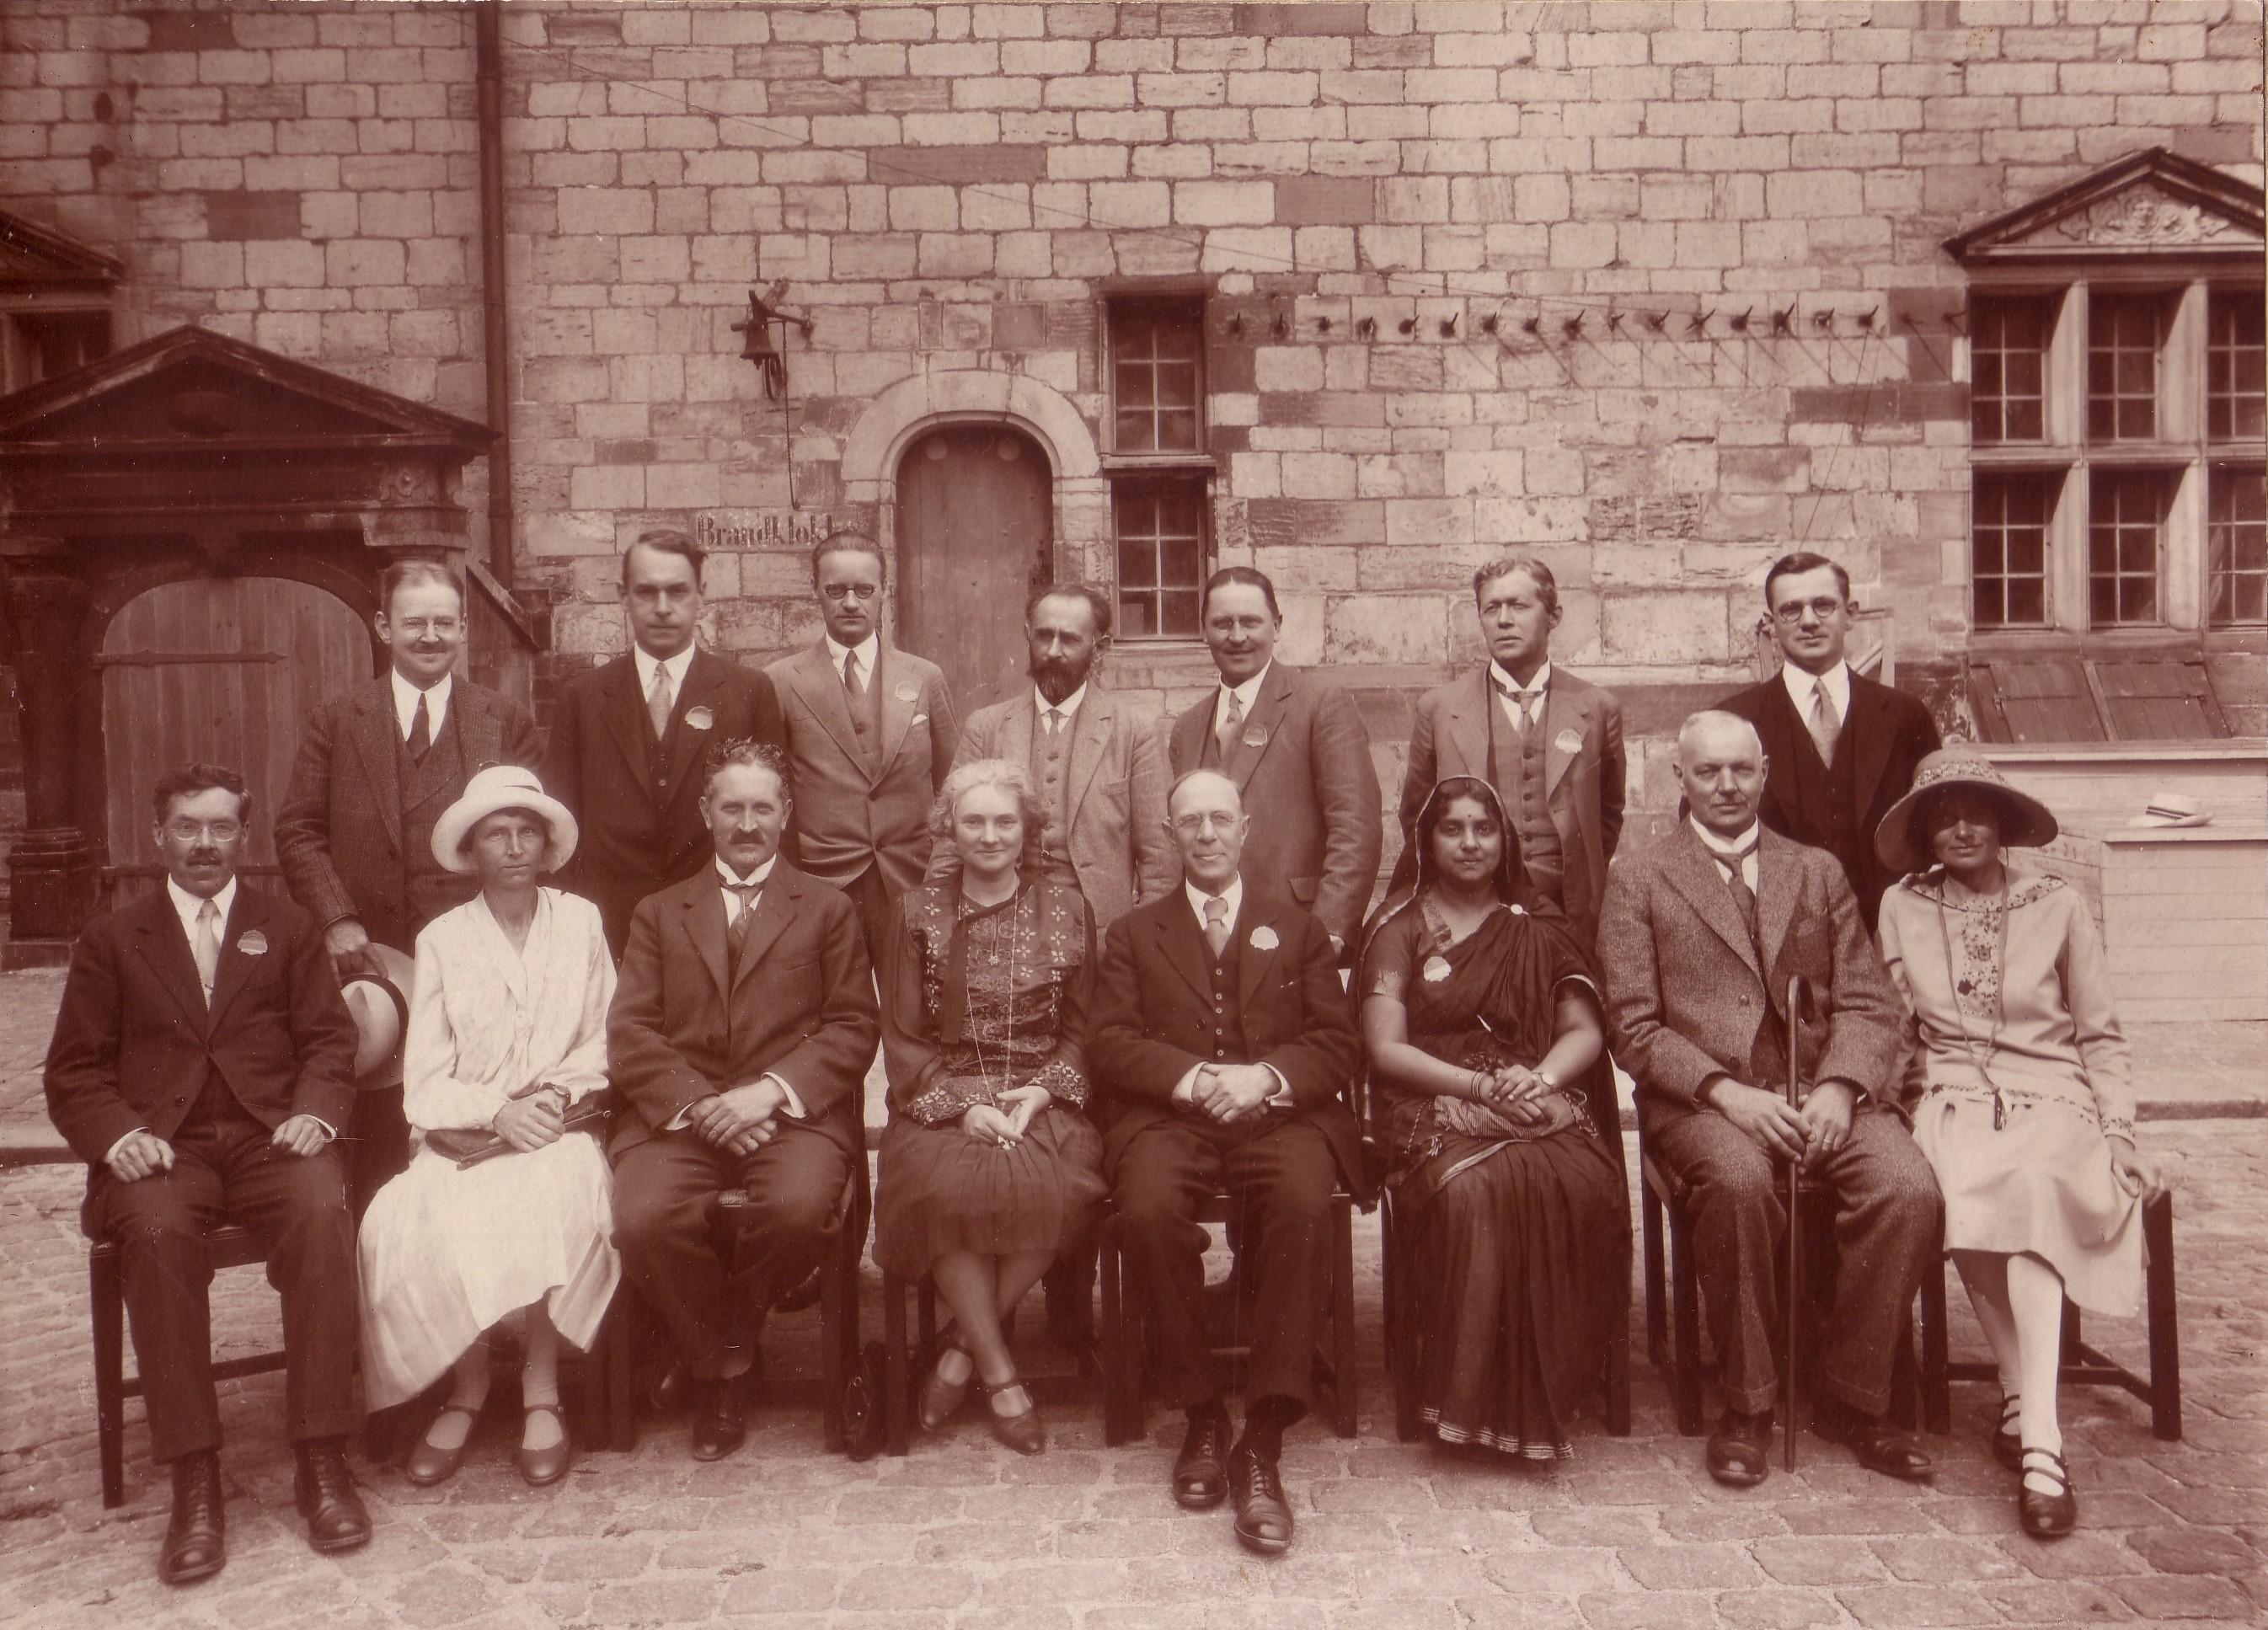 BEATRICE ENSOR e os fundadores da «World Education Fellowship» (1921)